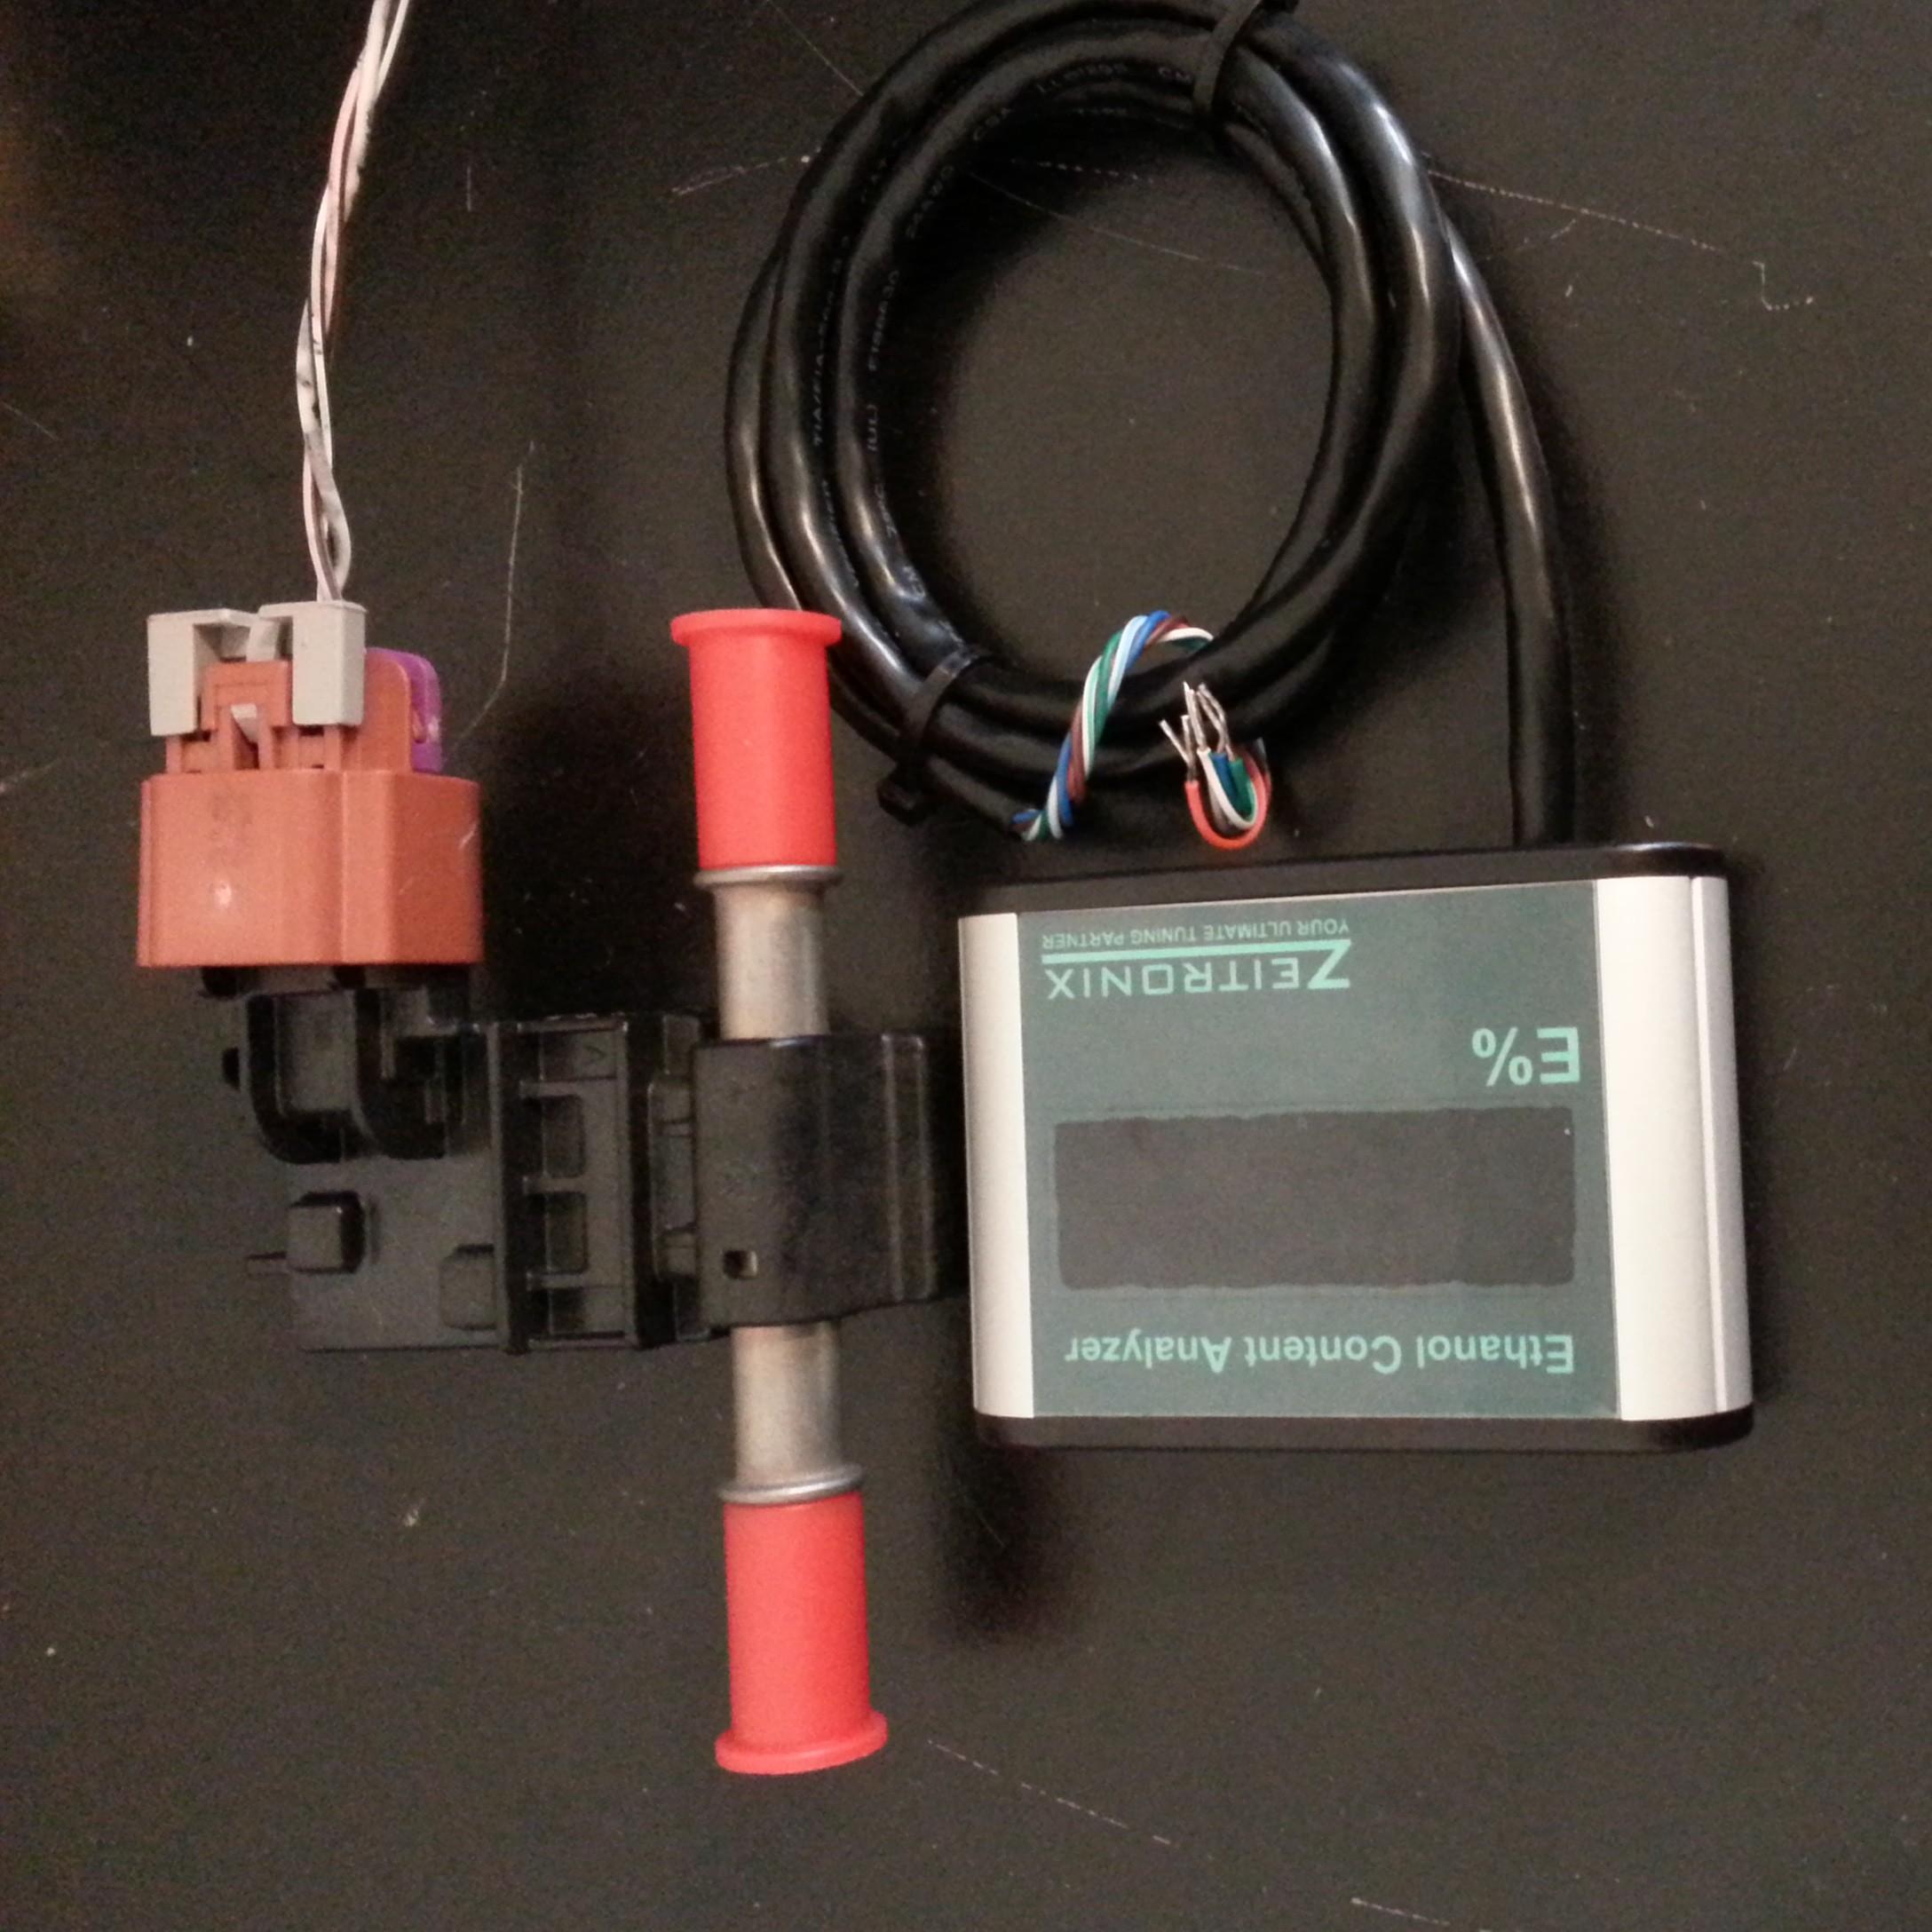 Flex Fuel E85 sensor